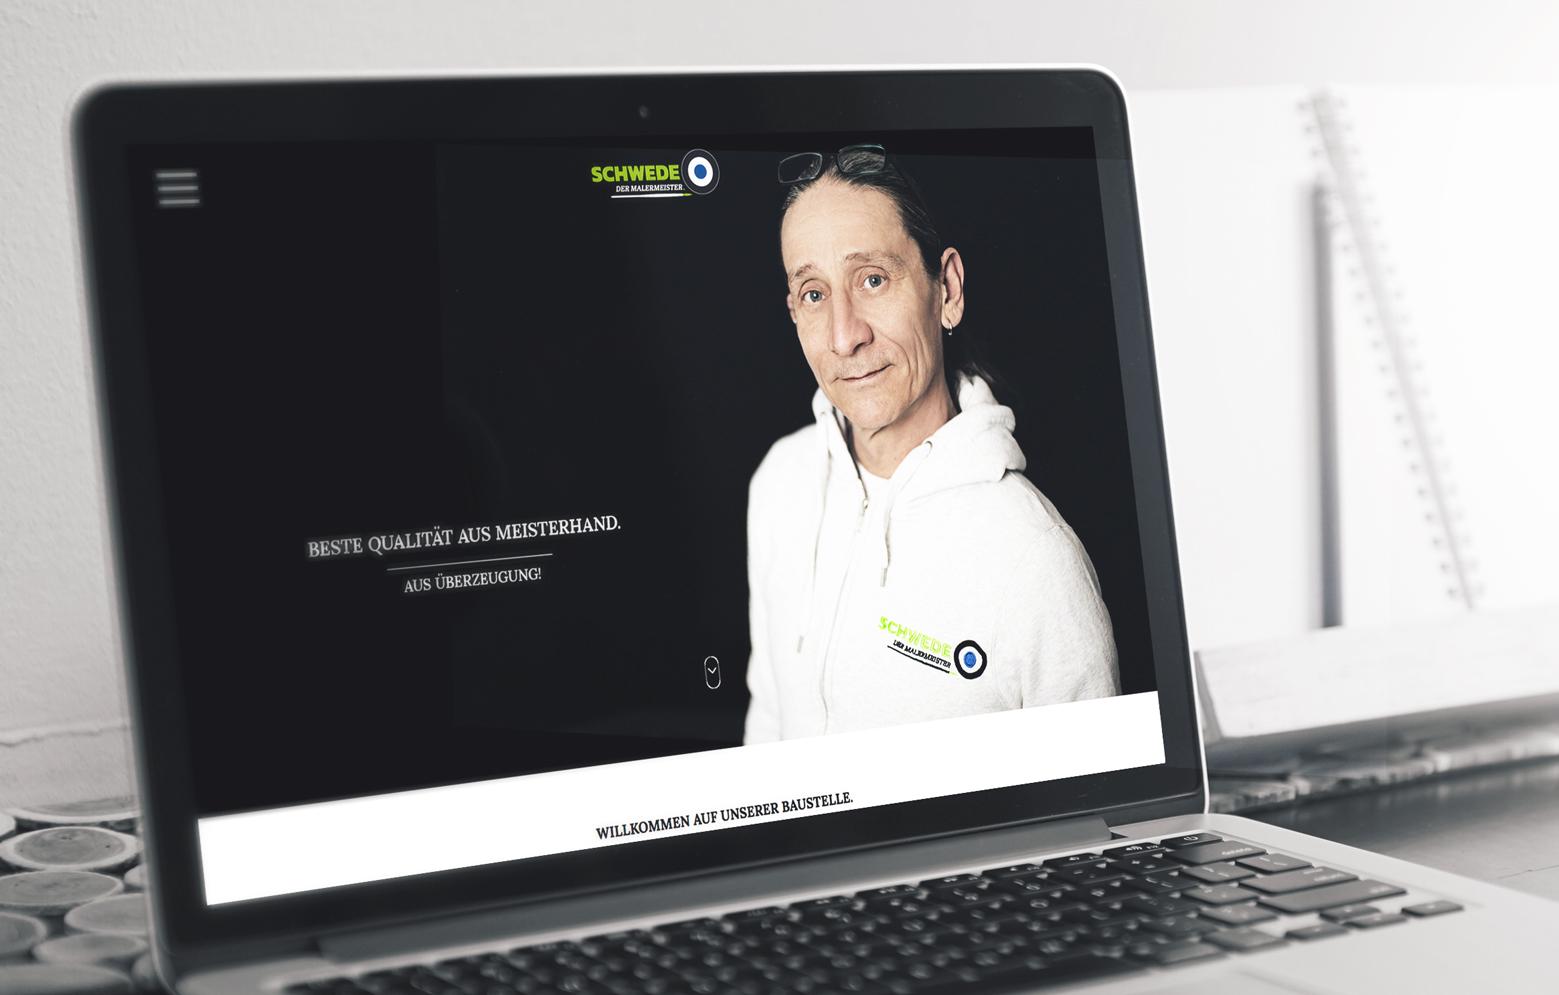 Schwede Website